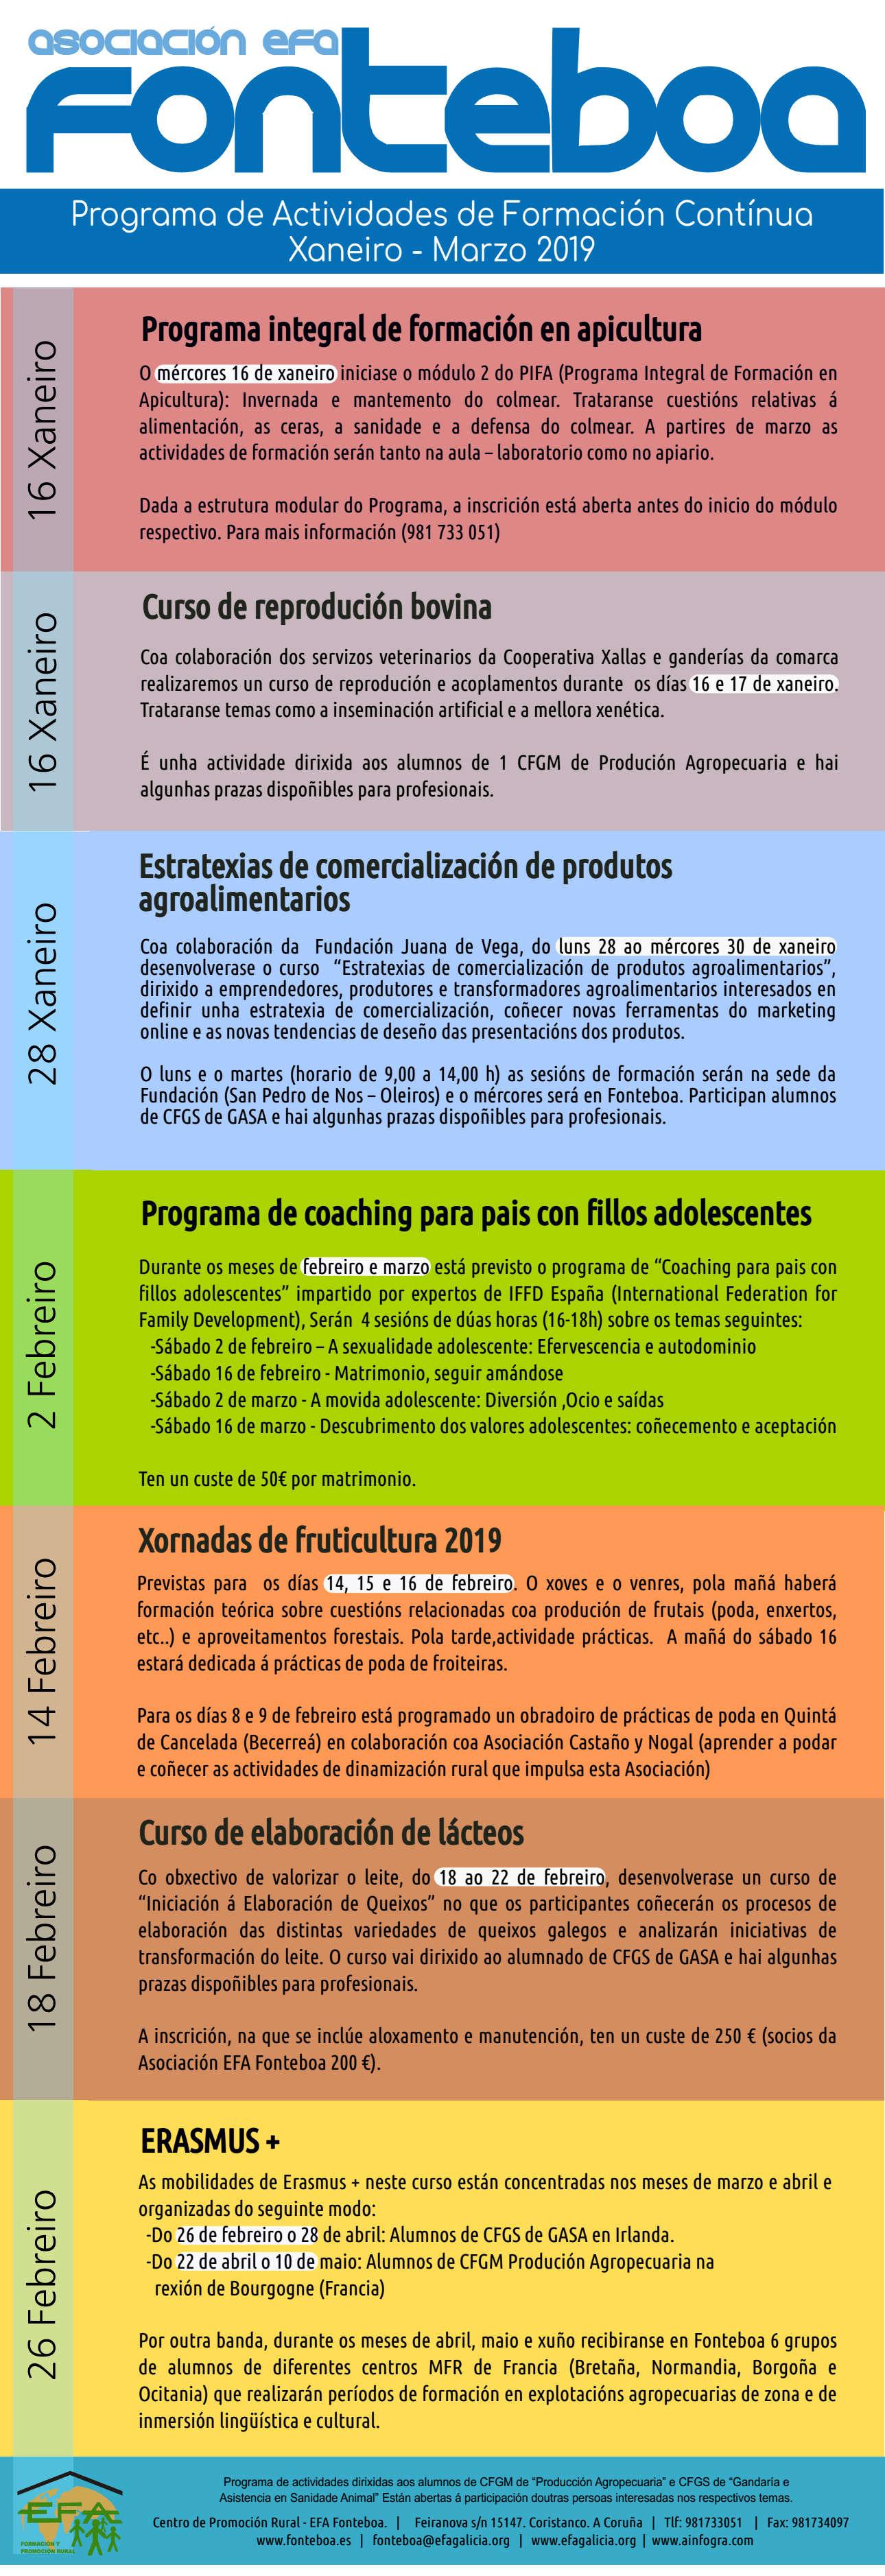 FONTEBOA_2019_1